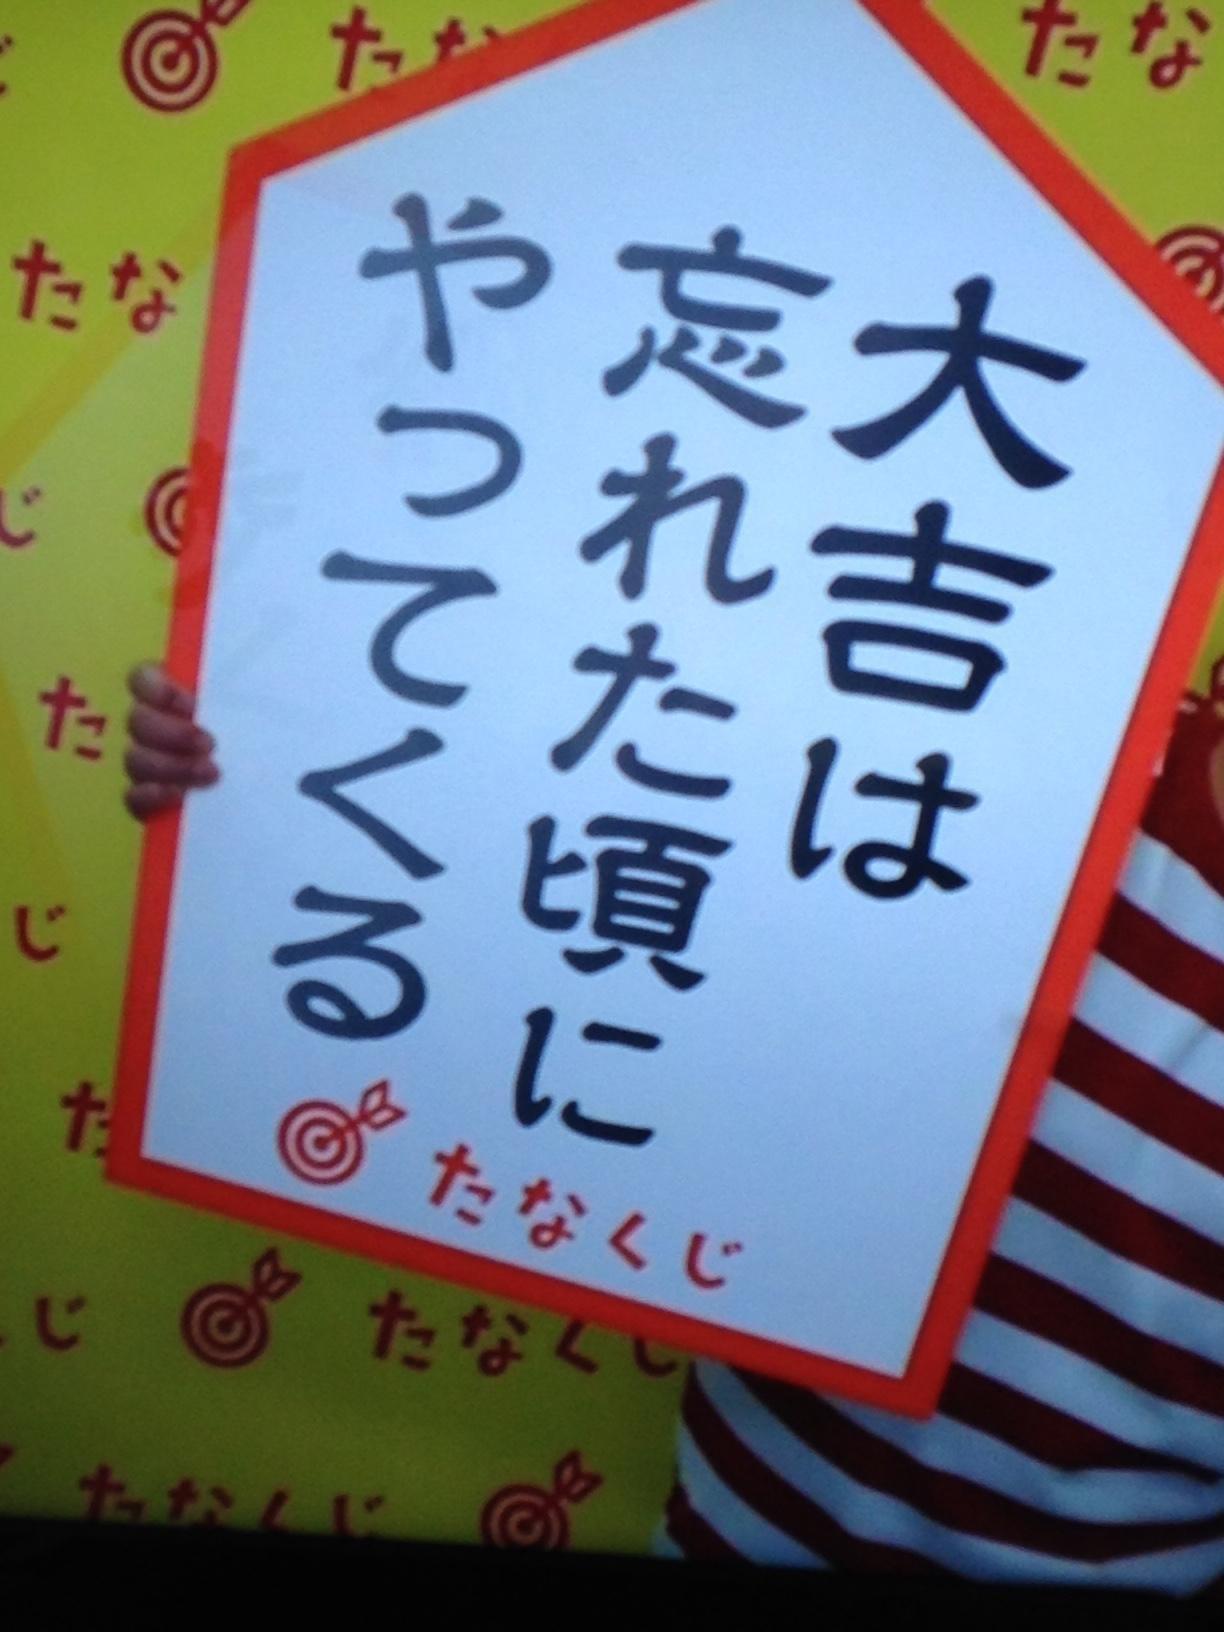 あけみ「月曜日恒例」06/18(月) 07:29 | あけみの写メ・風俗動画